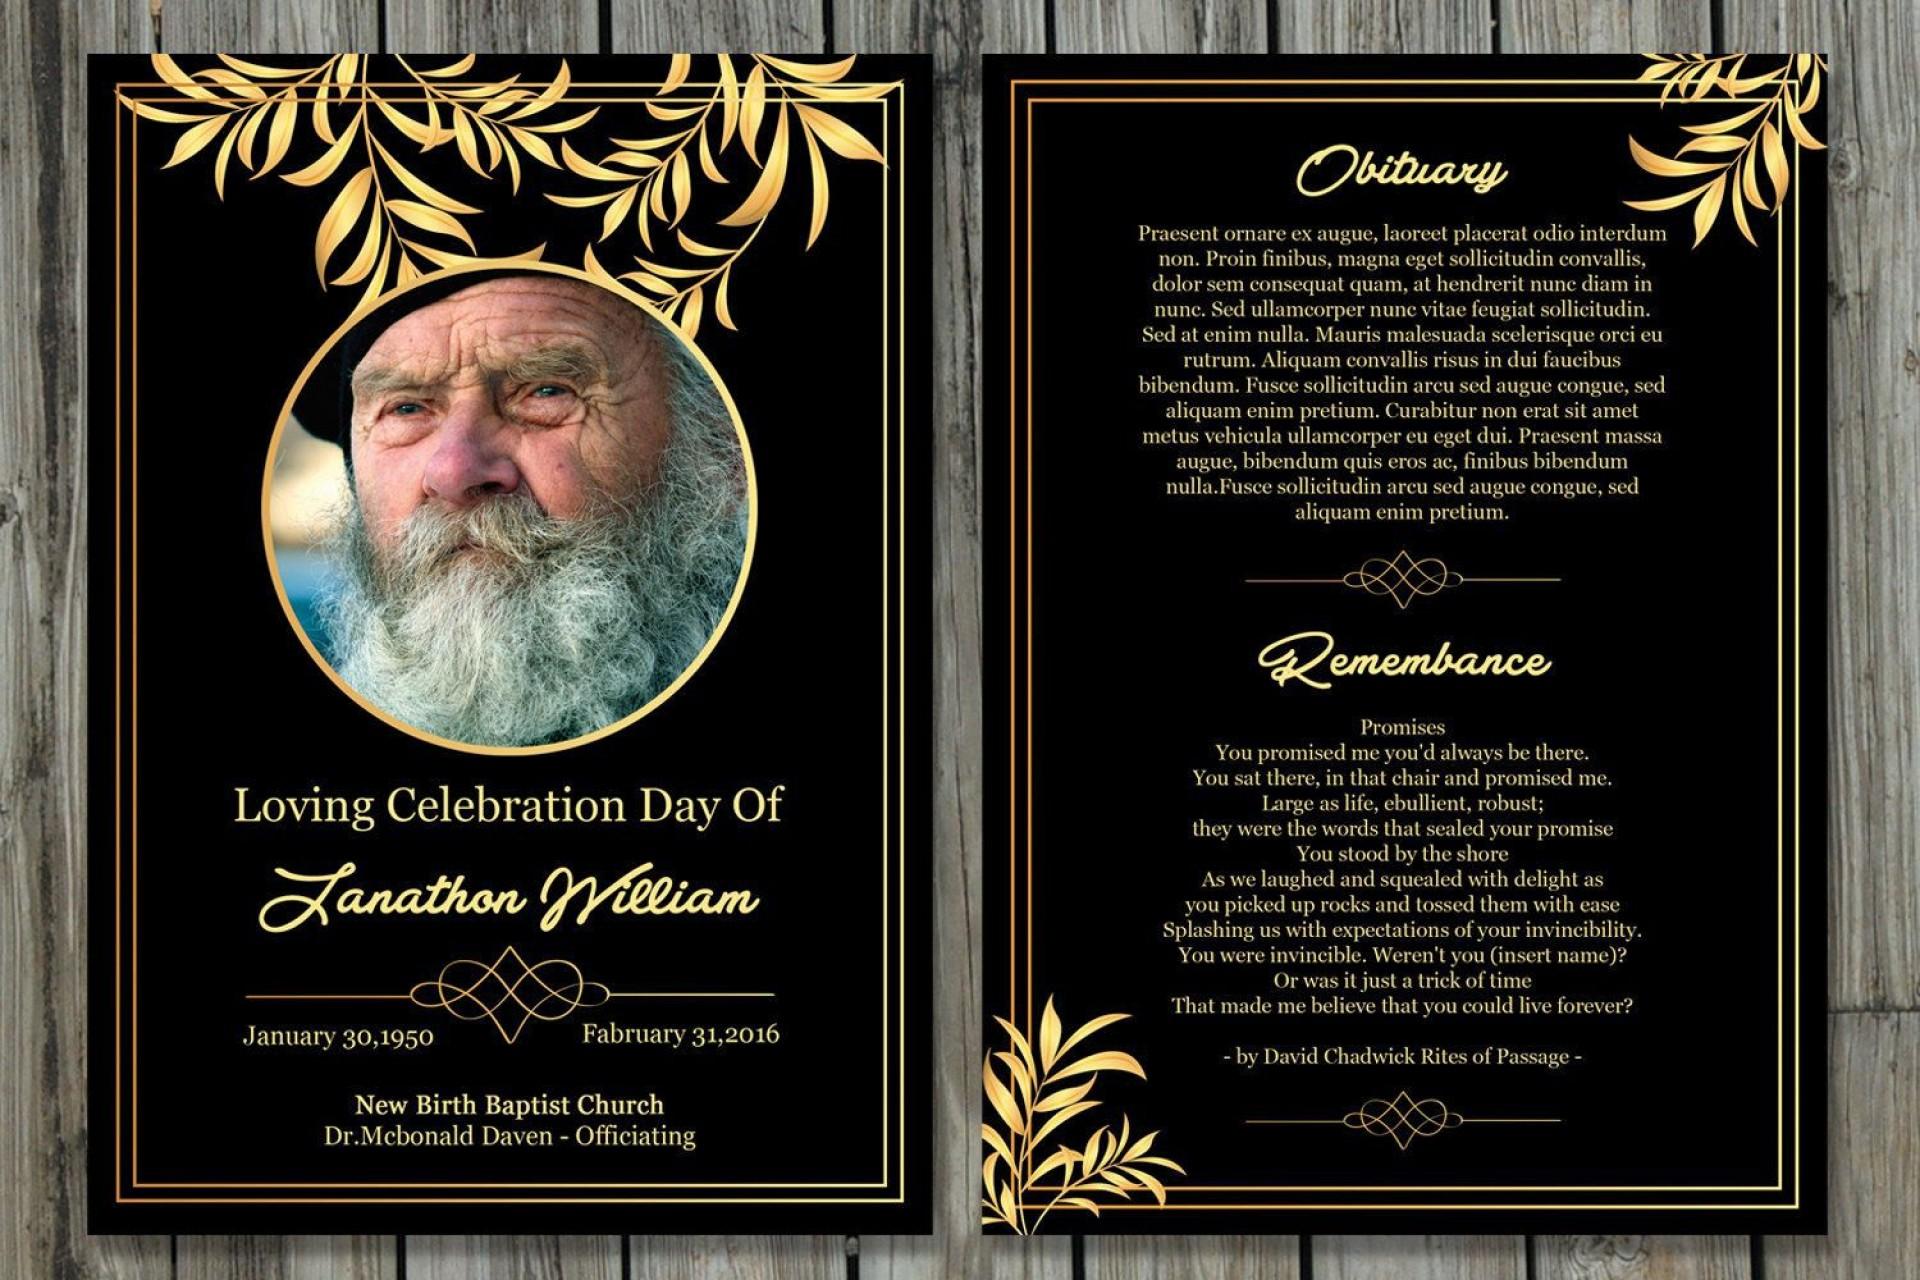 002 Phenomenal Memorial Card Template Free Download Sample 1920